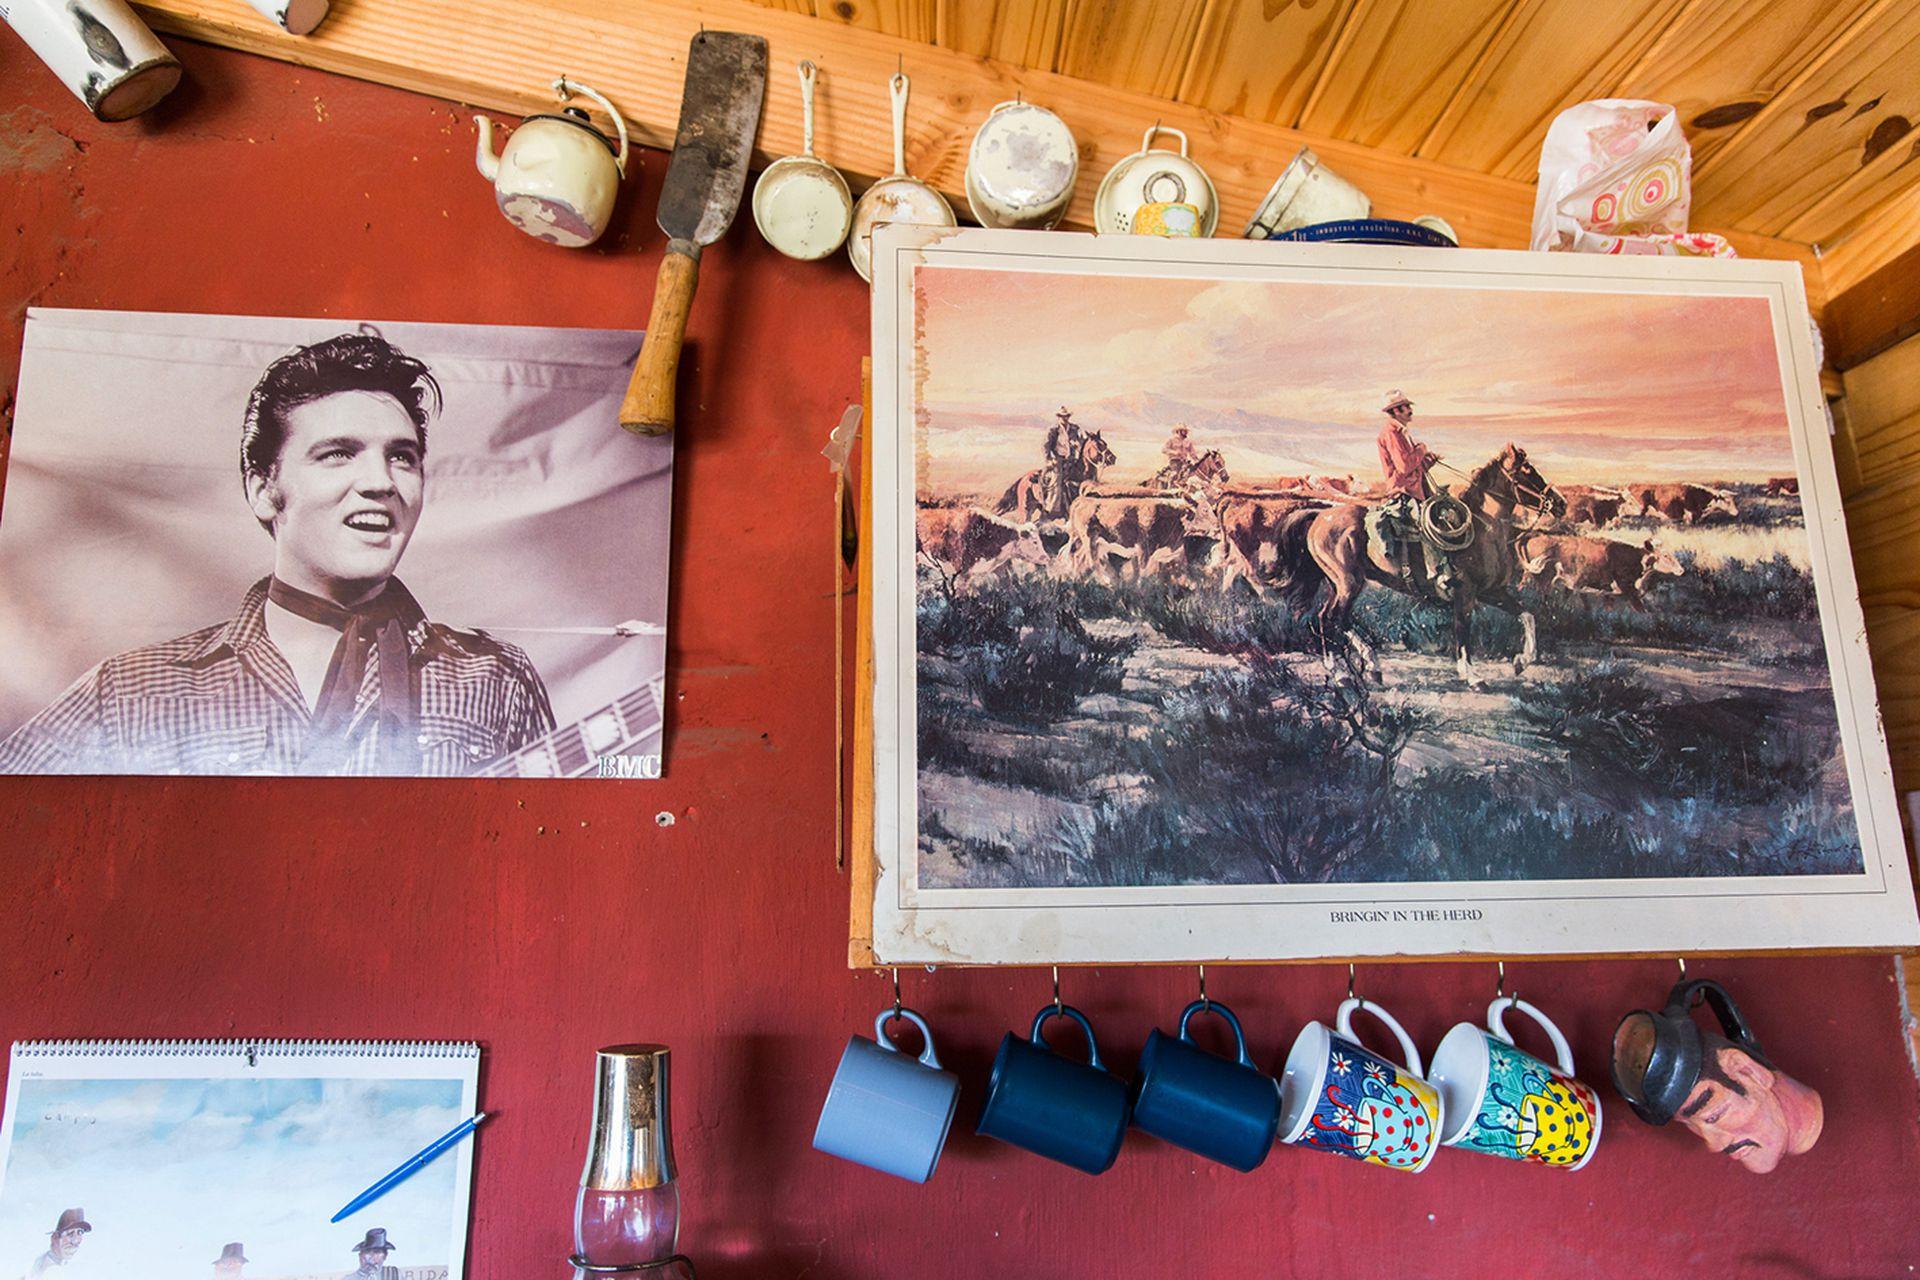 Elvis Presley y los cowboys texanos decoran las paredes de la estancia patagónica.